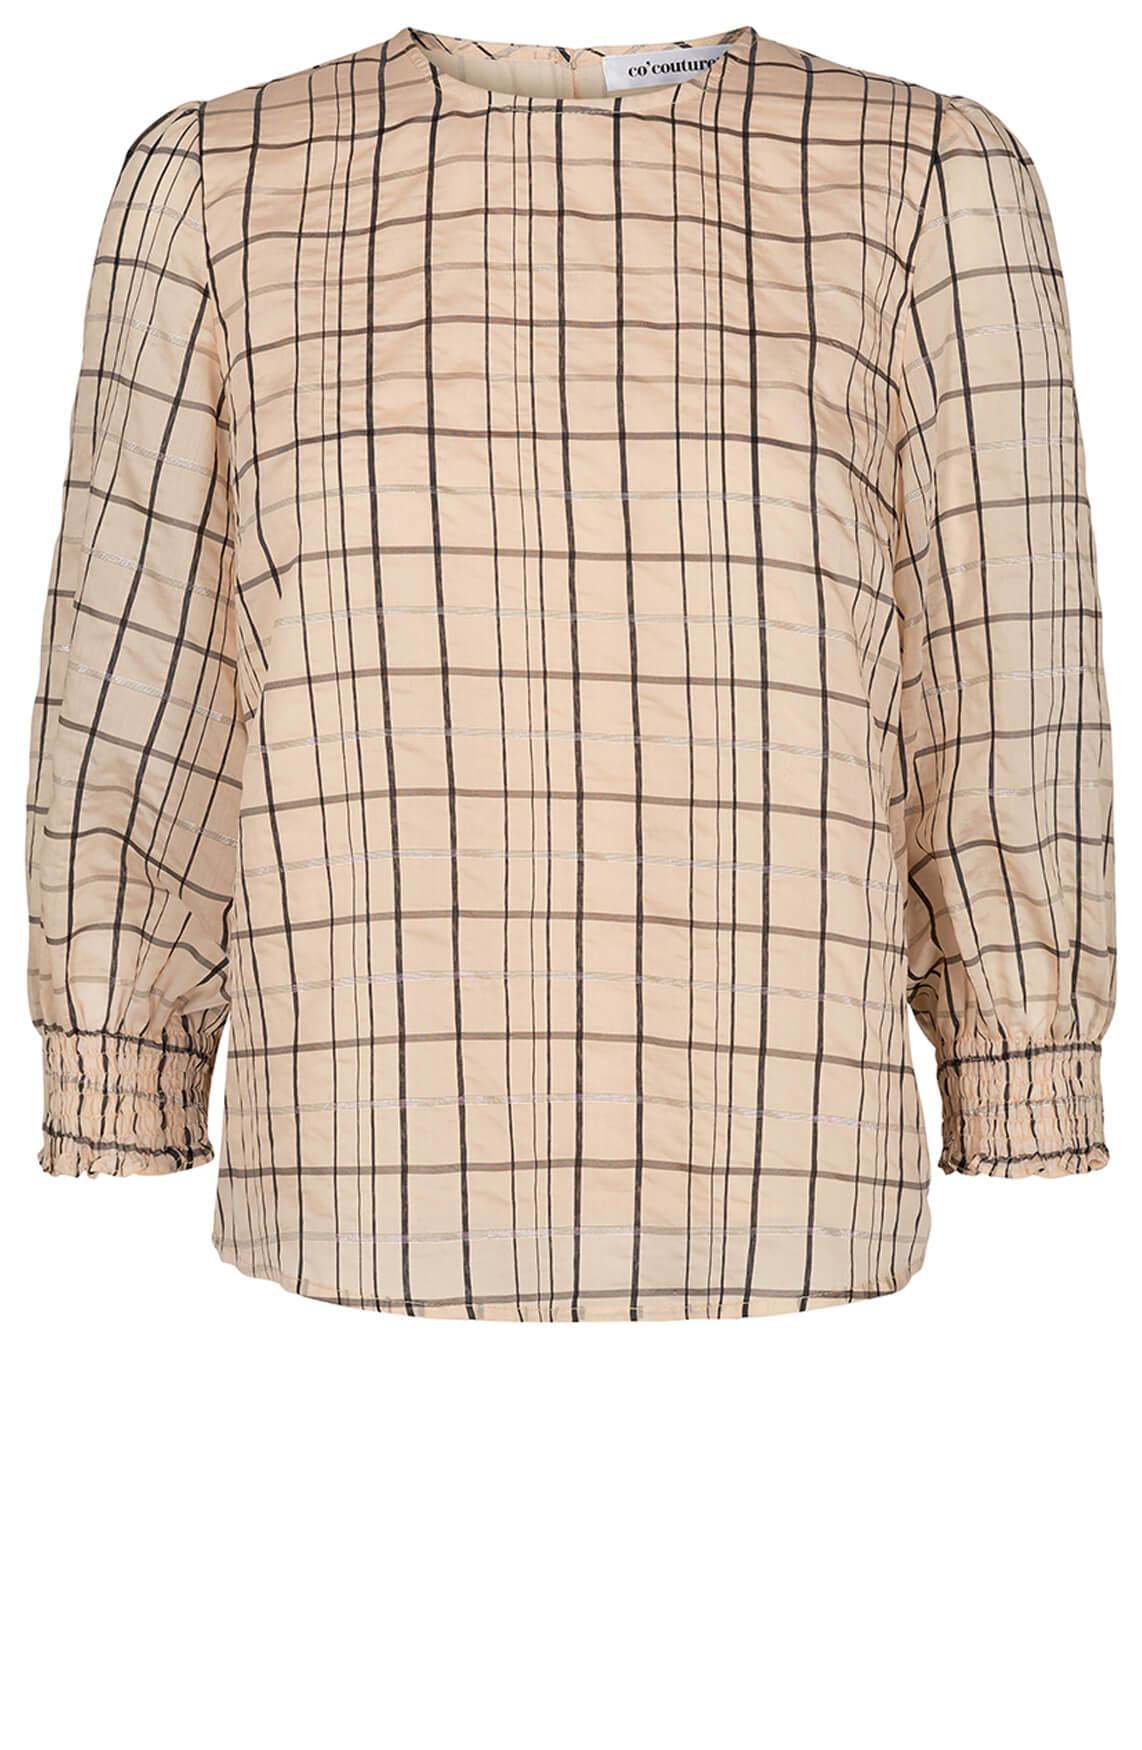 Co Couture Dames Luu geruite blouse Ecru